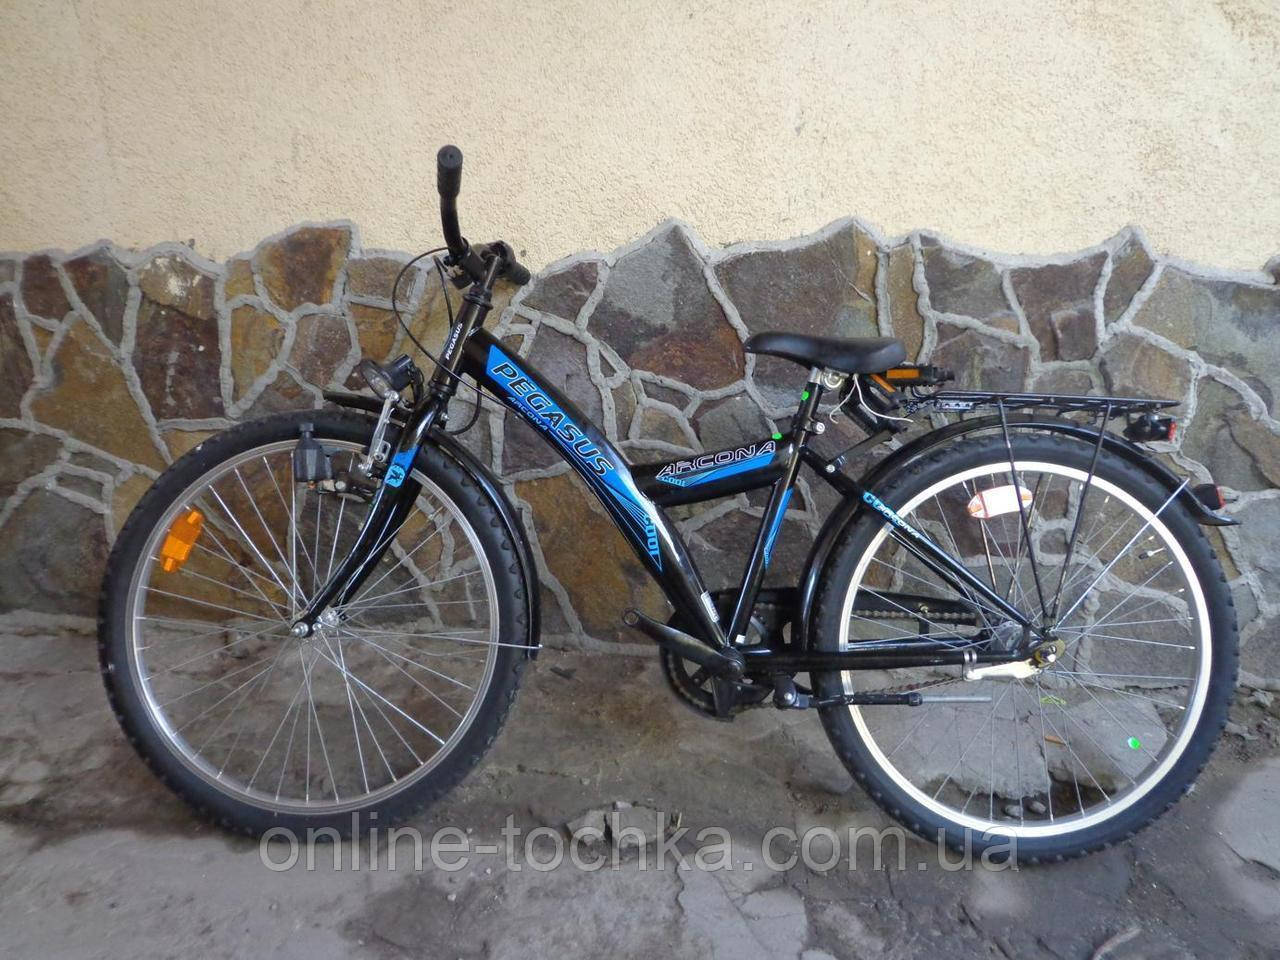 Велосипед PEGASUS ARCONA COOL 24 (детский подростковый Shimano ровер  передачи шимано шімано импорт бу імпорт горнік гірський) 01a5f9f06de6e